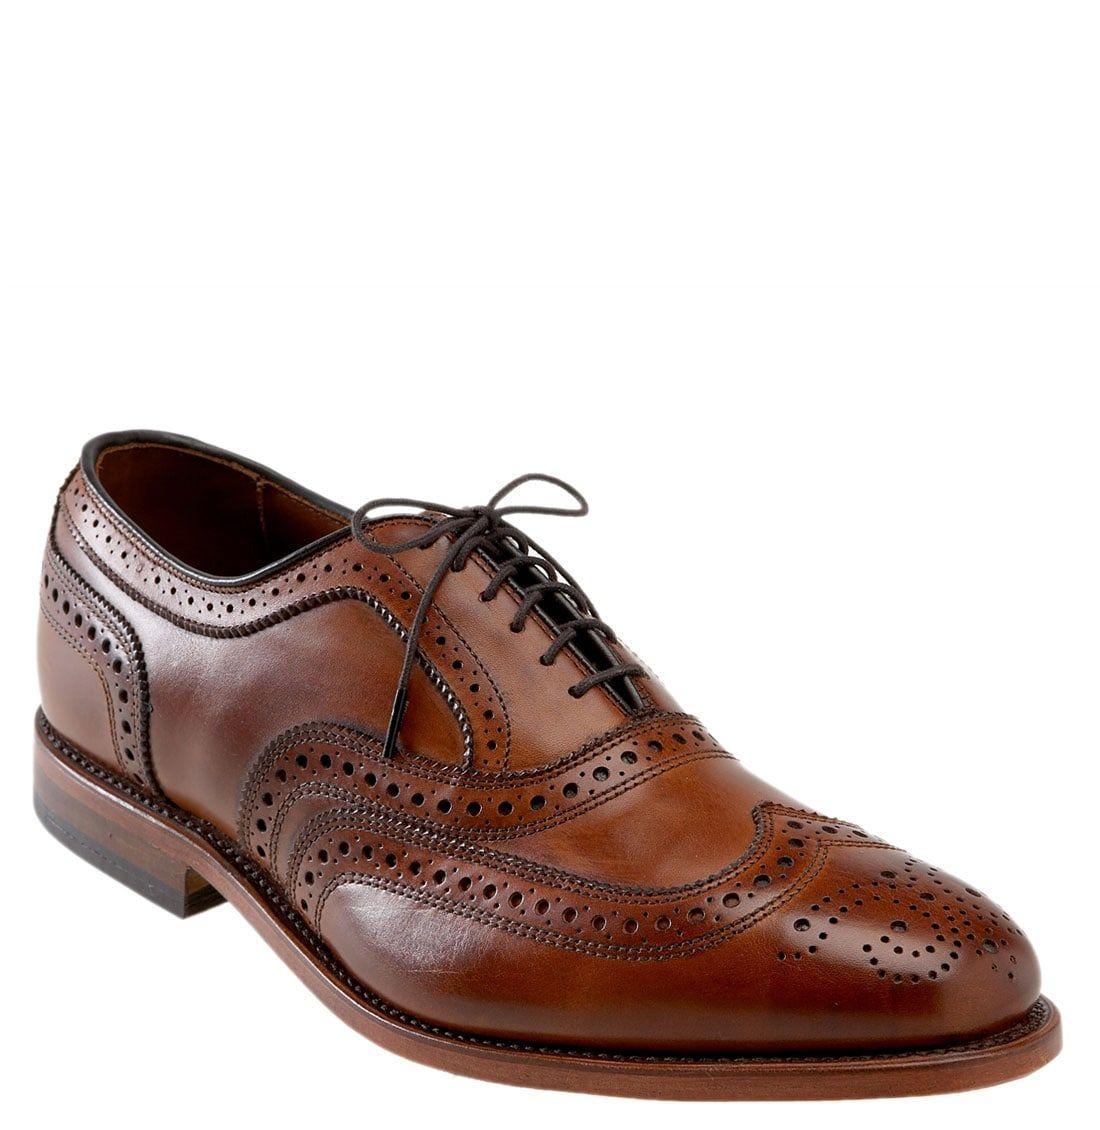 aldo shoes bad quality